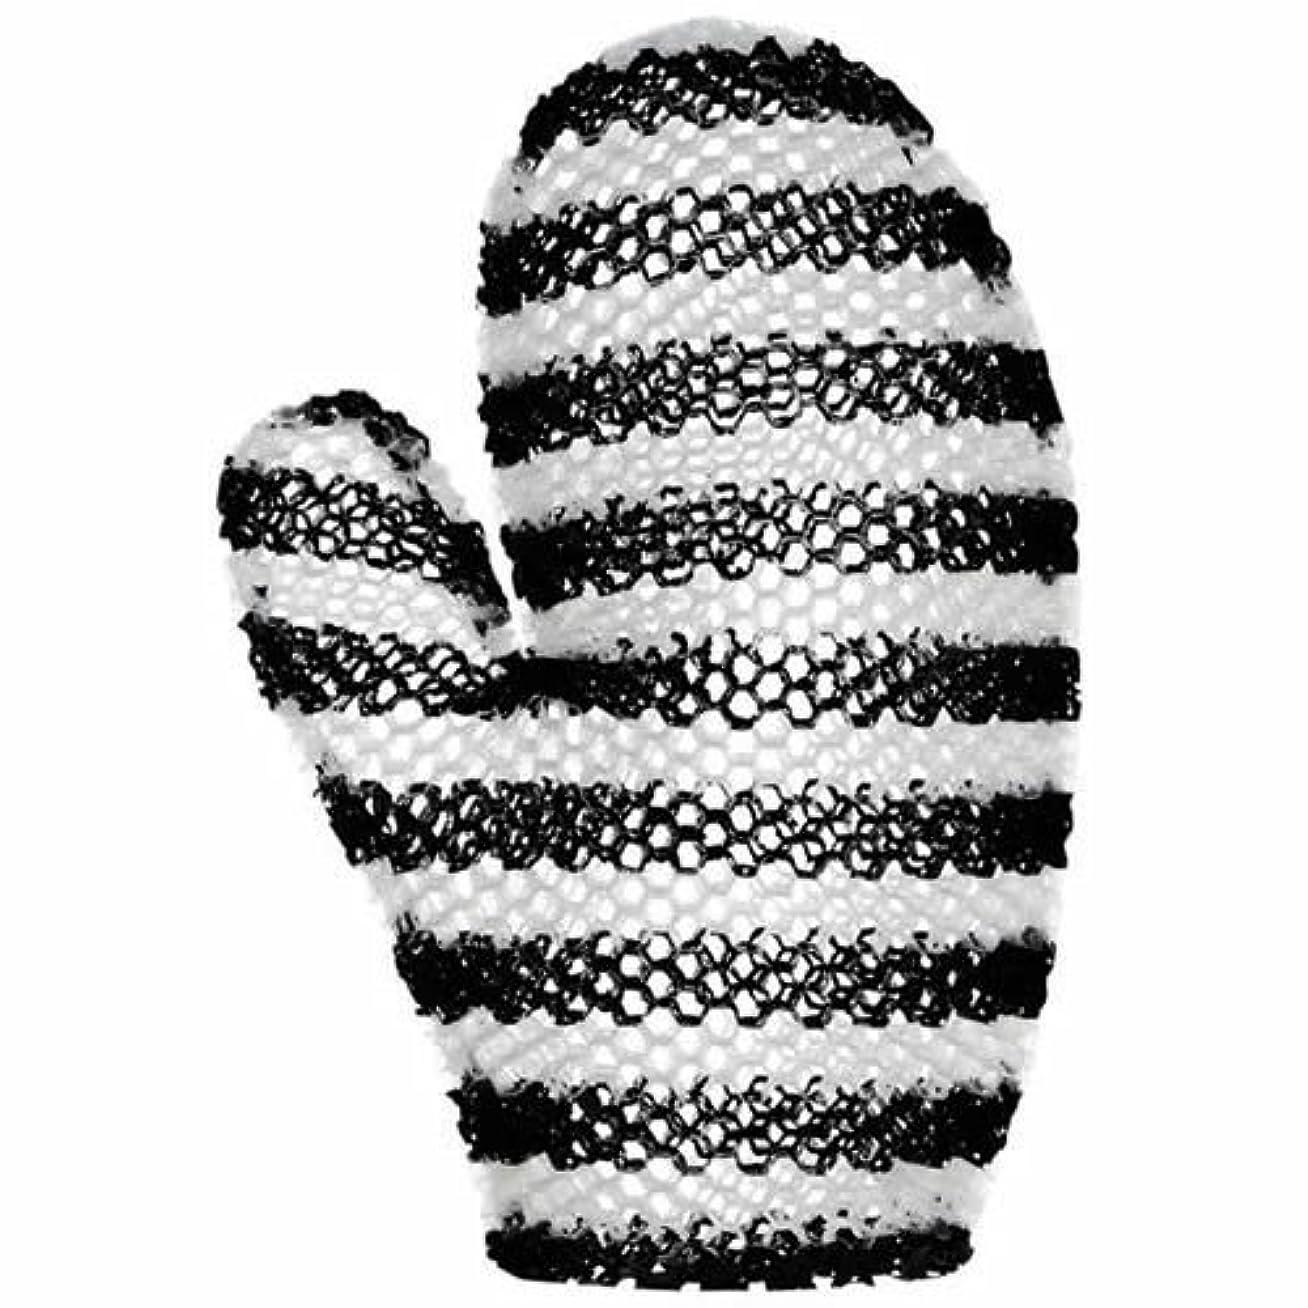 余計な故障悪性スプラコール ハニカム(ミット) ブラック&ホワイト